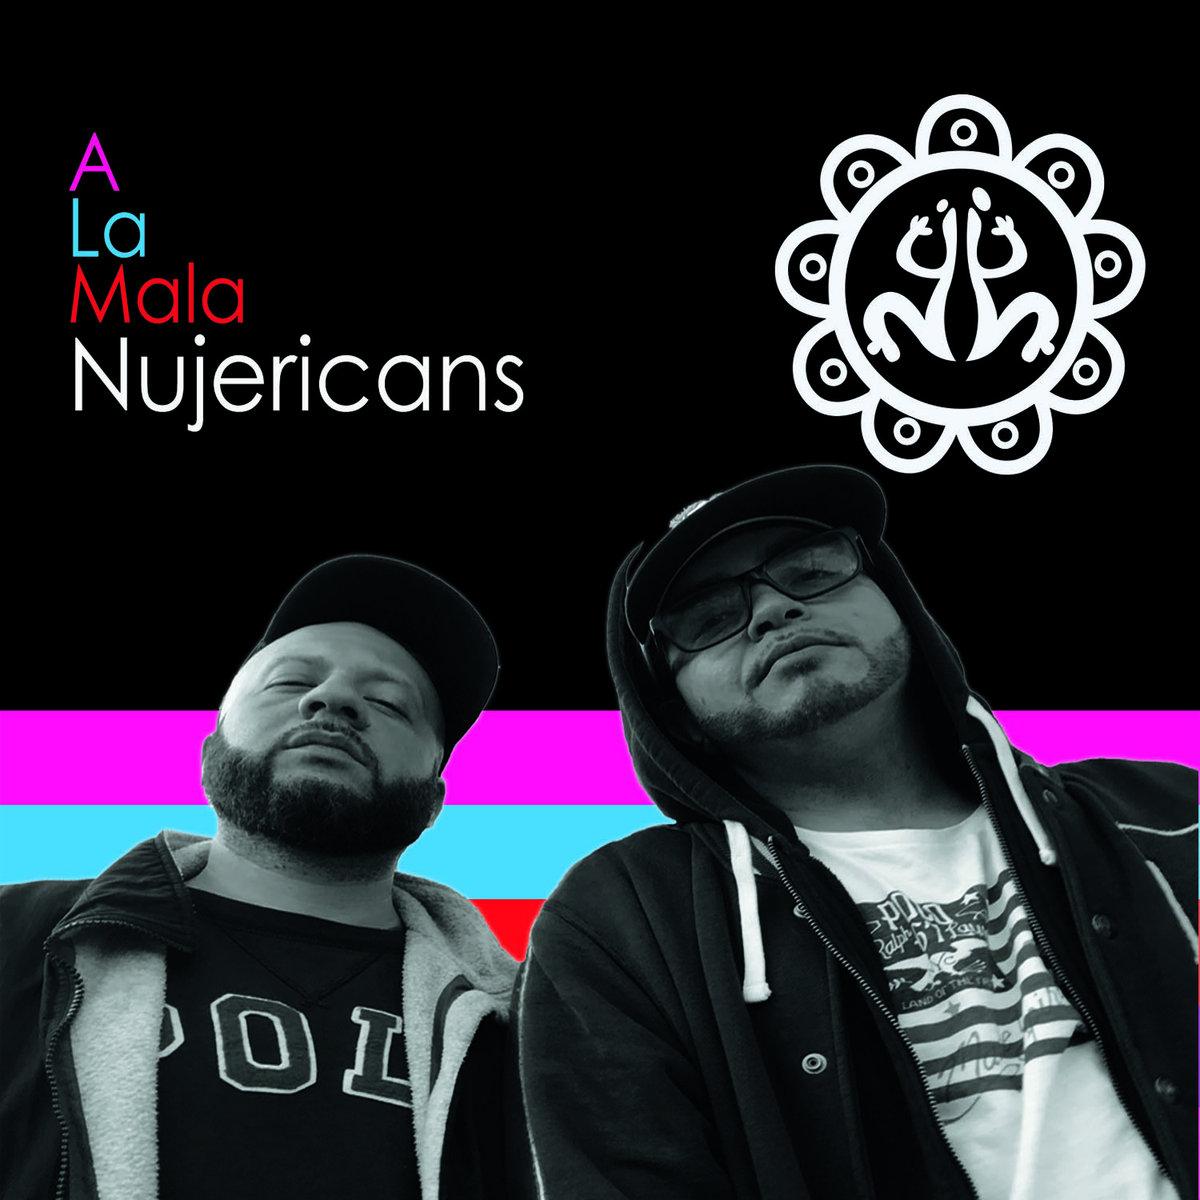 NUJERICANS - A LA MALA LP Inter-Review